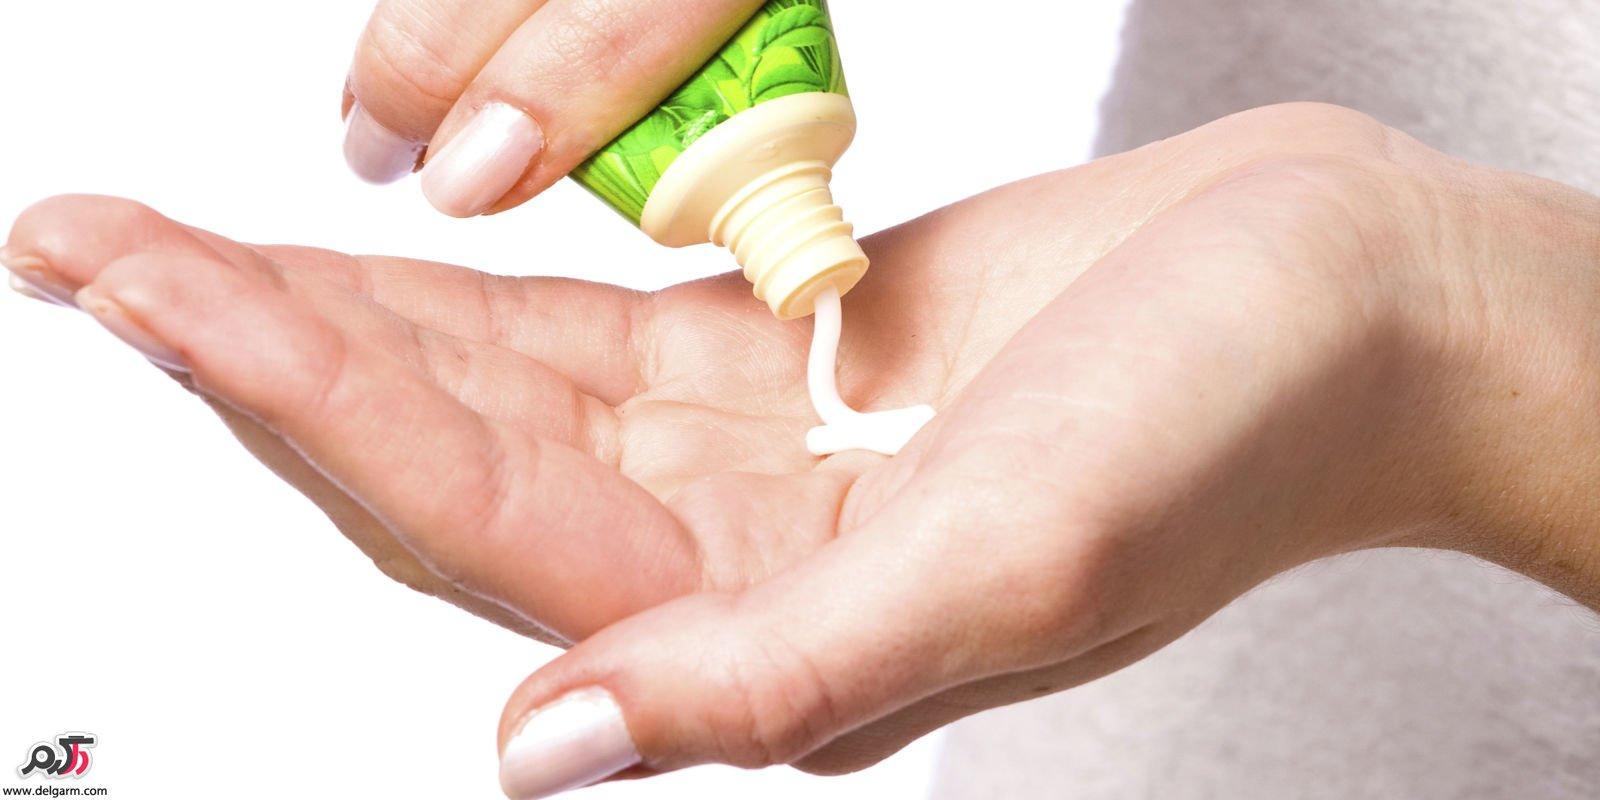 درمان خانگی برای از بین بردن جای زخم